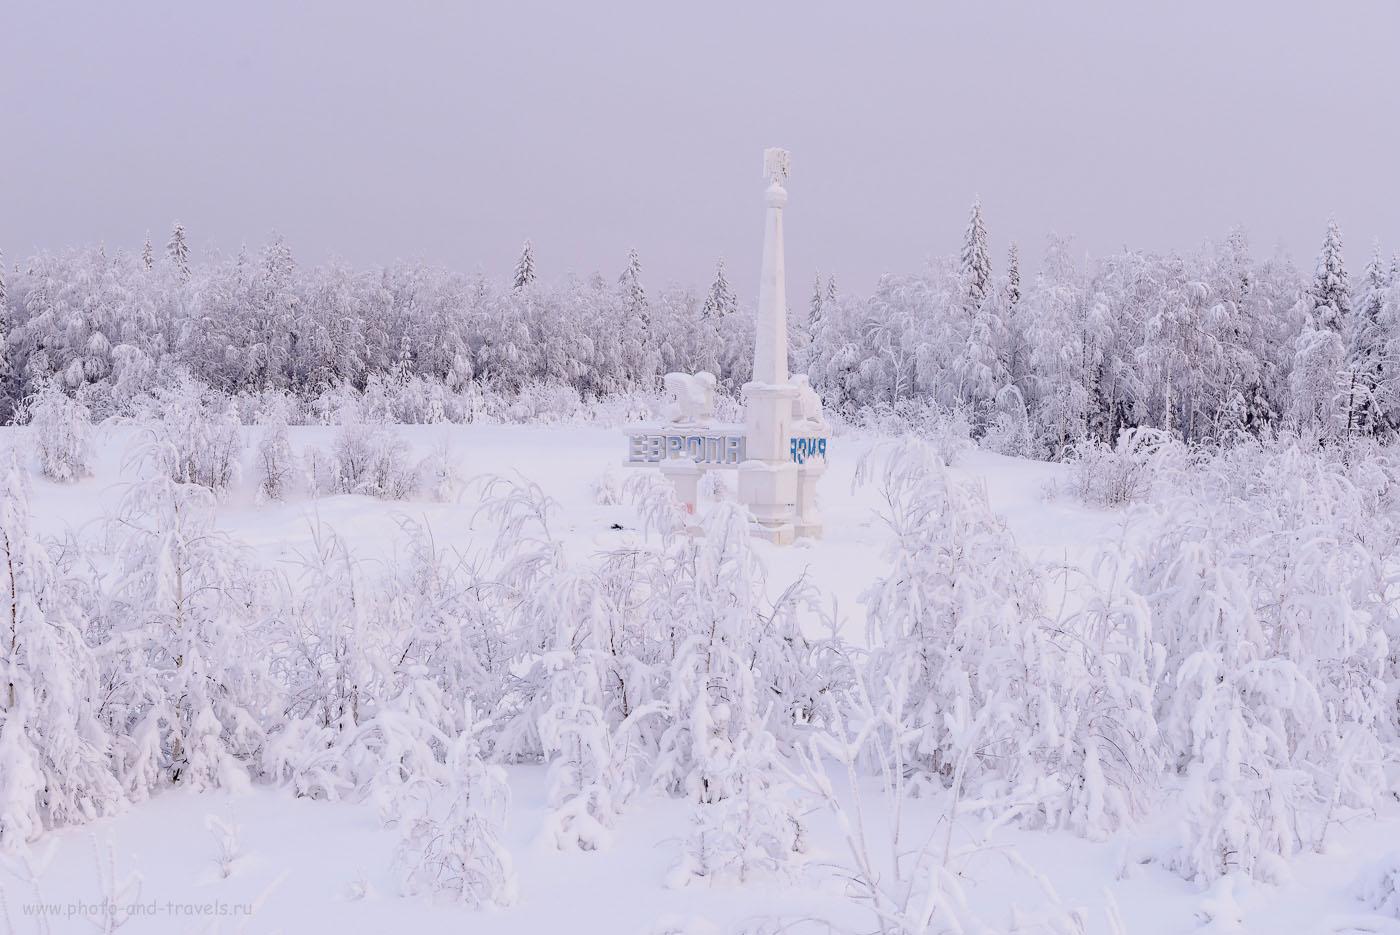 Фото 4. Стела «Европа-Азия». Уральские пейзажи зимой. Отзыв об экскурсии на Каменный город в Пермском крае. Фотоаппарат Никон Д610. Объектив Никон 24-70/2,8. Параметры съемки: выдержка 1/125 секунды, экспокоррекция +1.0 EV, диафрагма 8.0, ИСО 200, фокусное расстояние 48 мм.